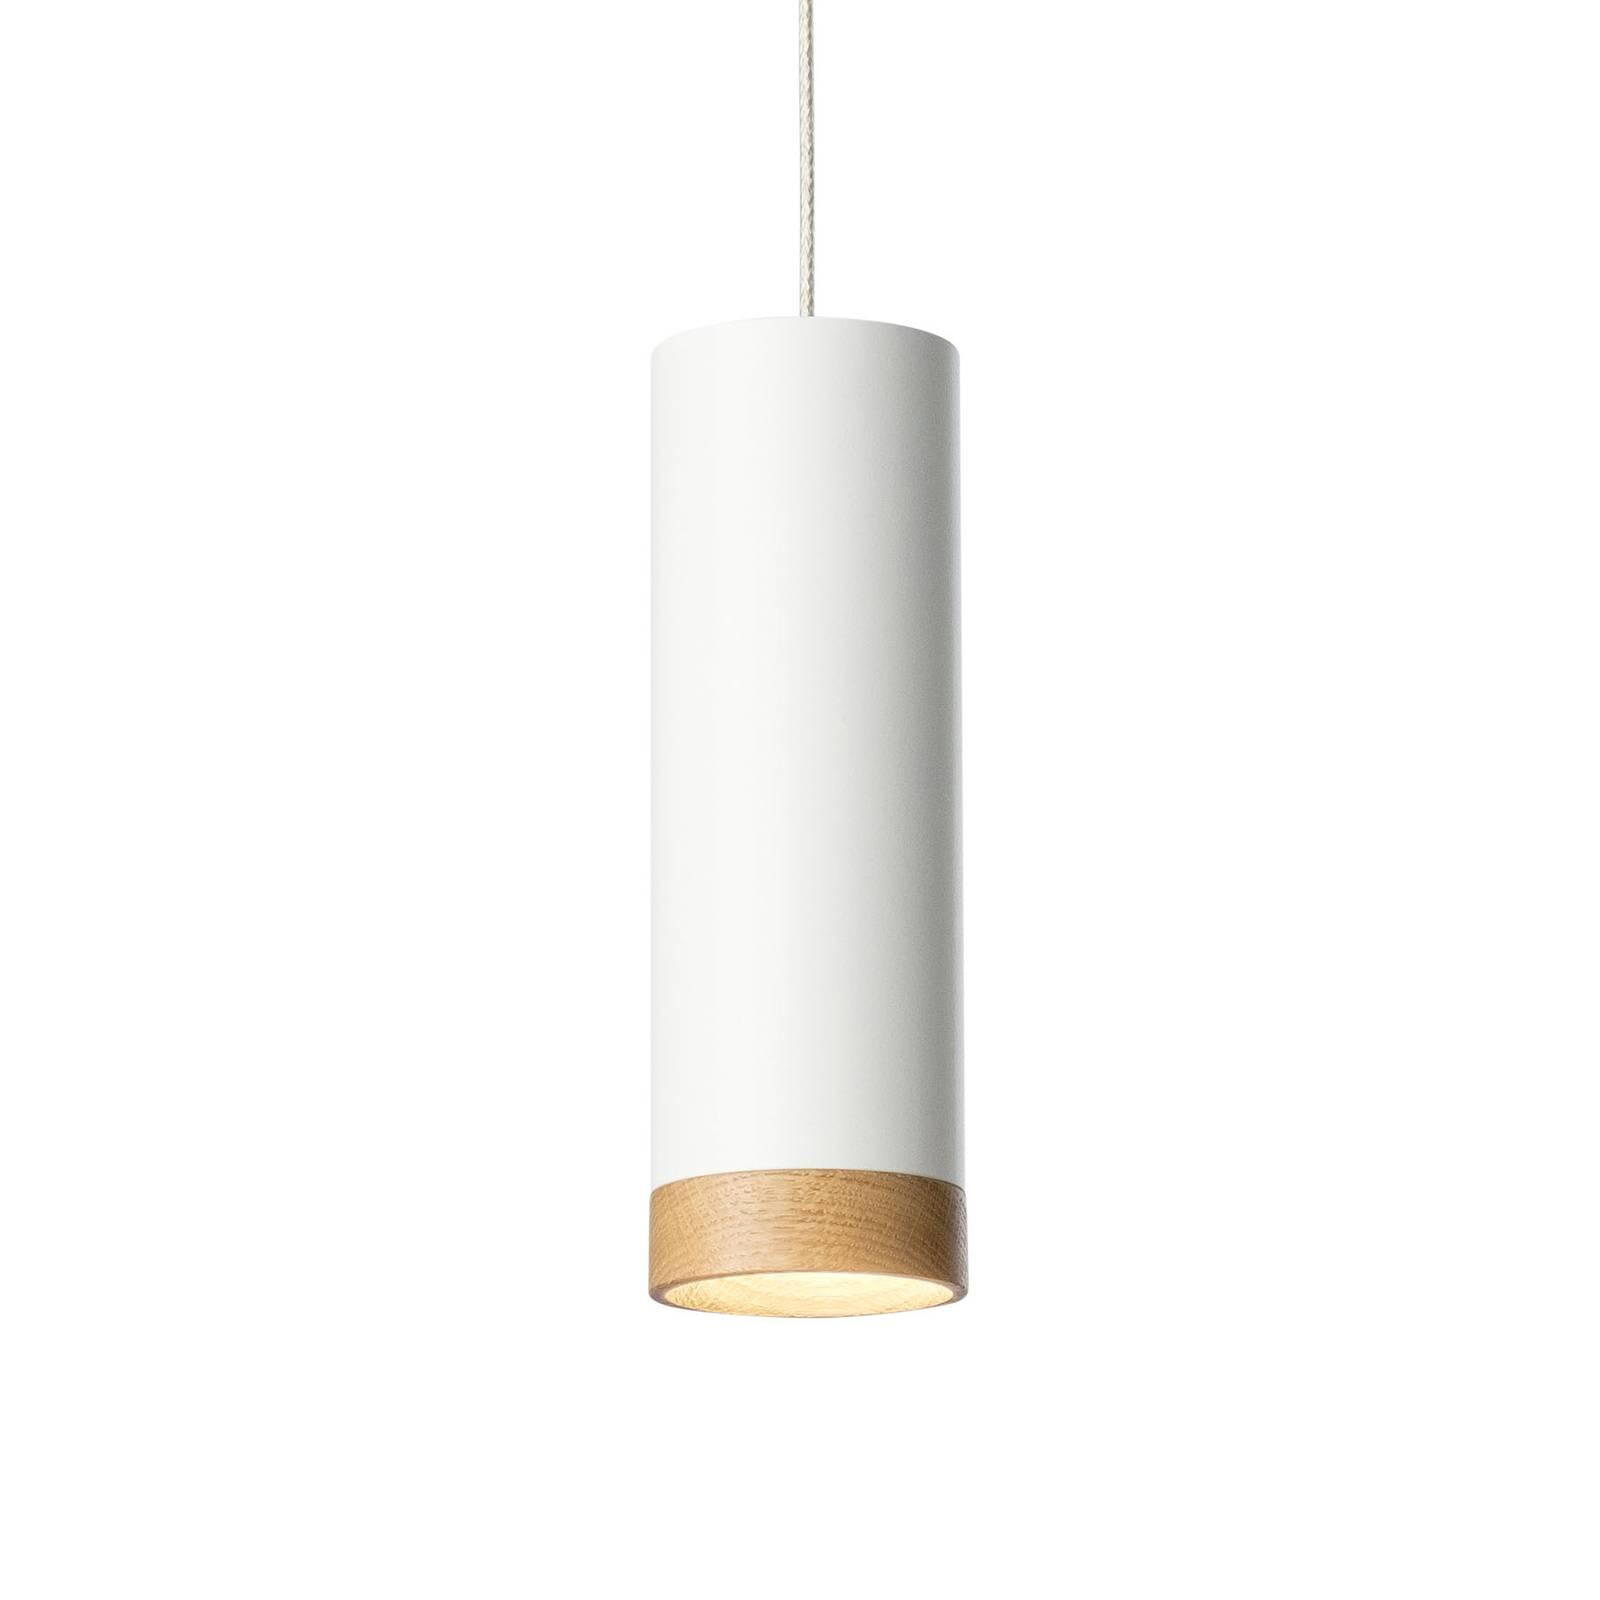 LED-Pendelleuchte PHEB, weiß/eiche